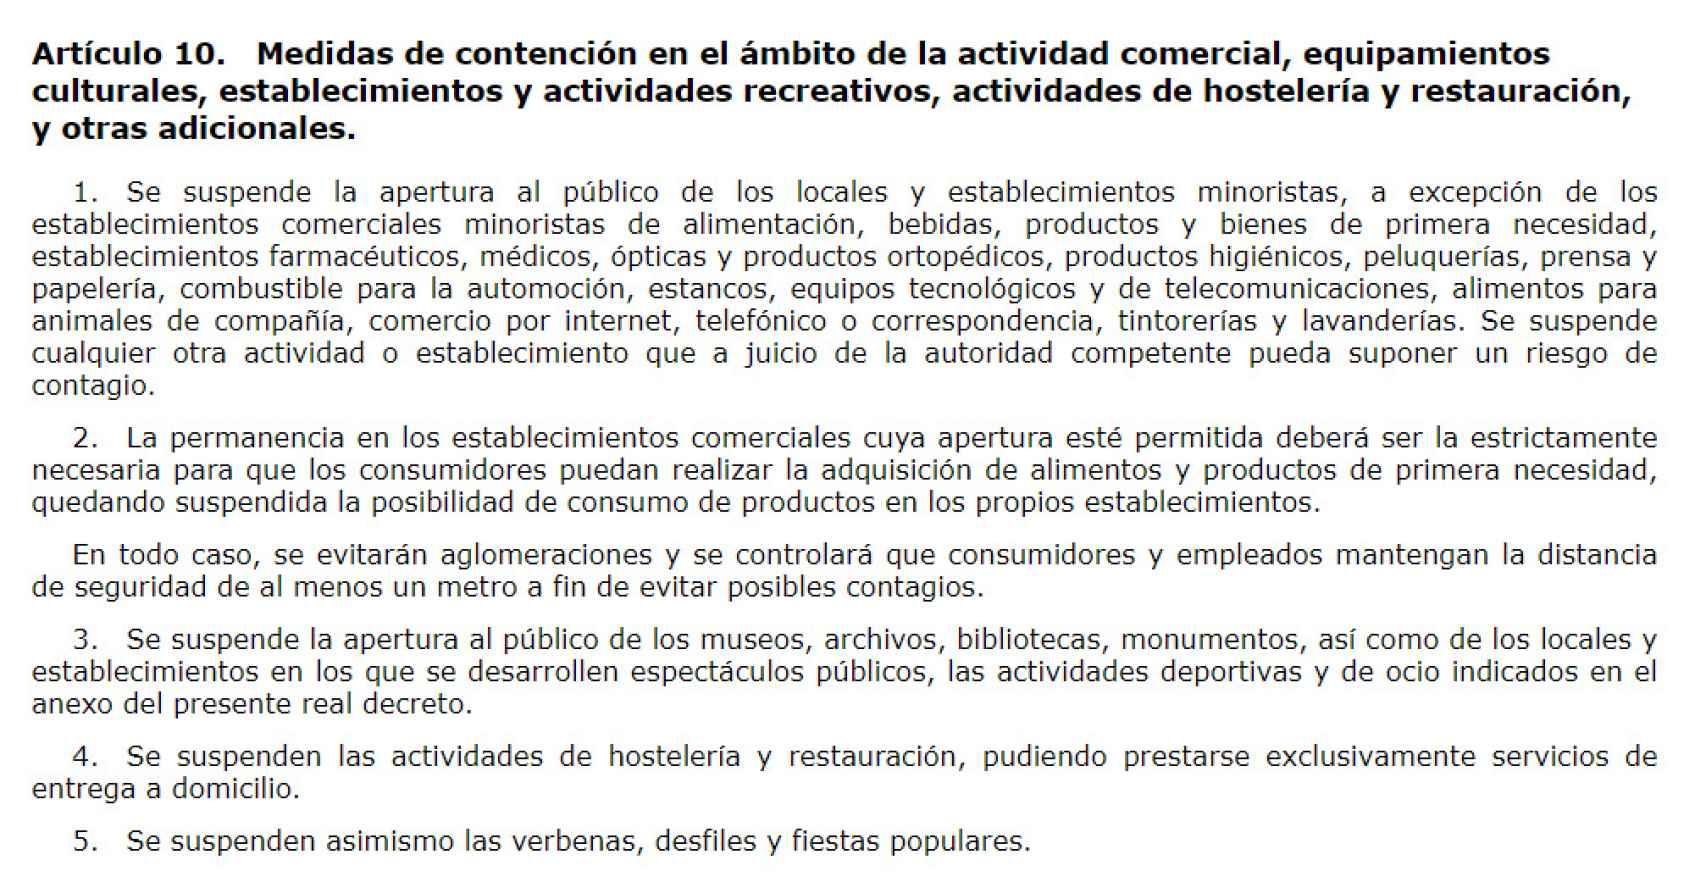 Captura del artículo 10 del decreto de estado de alarma.